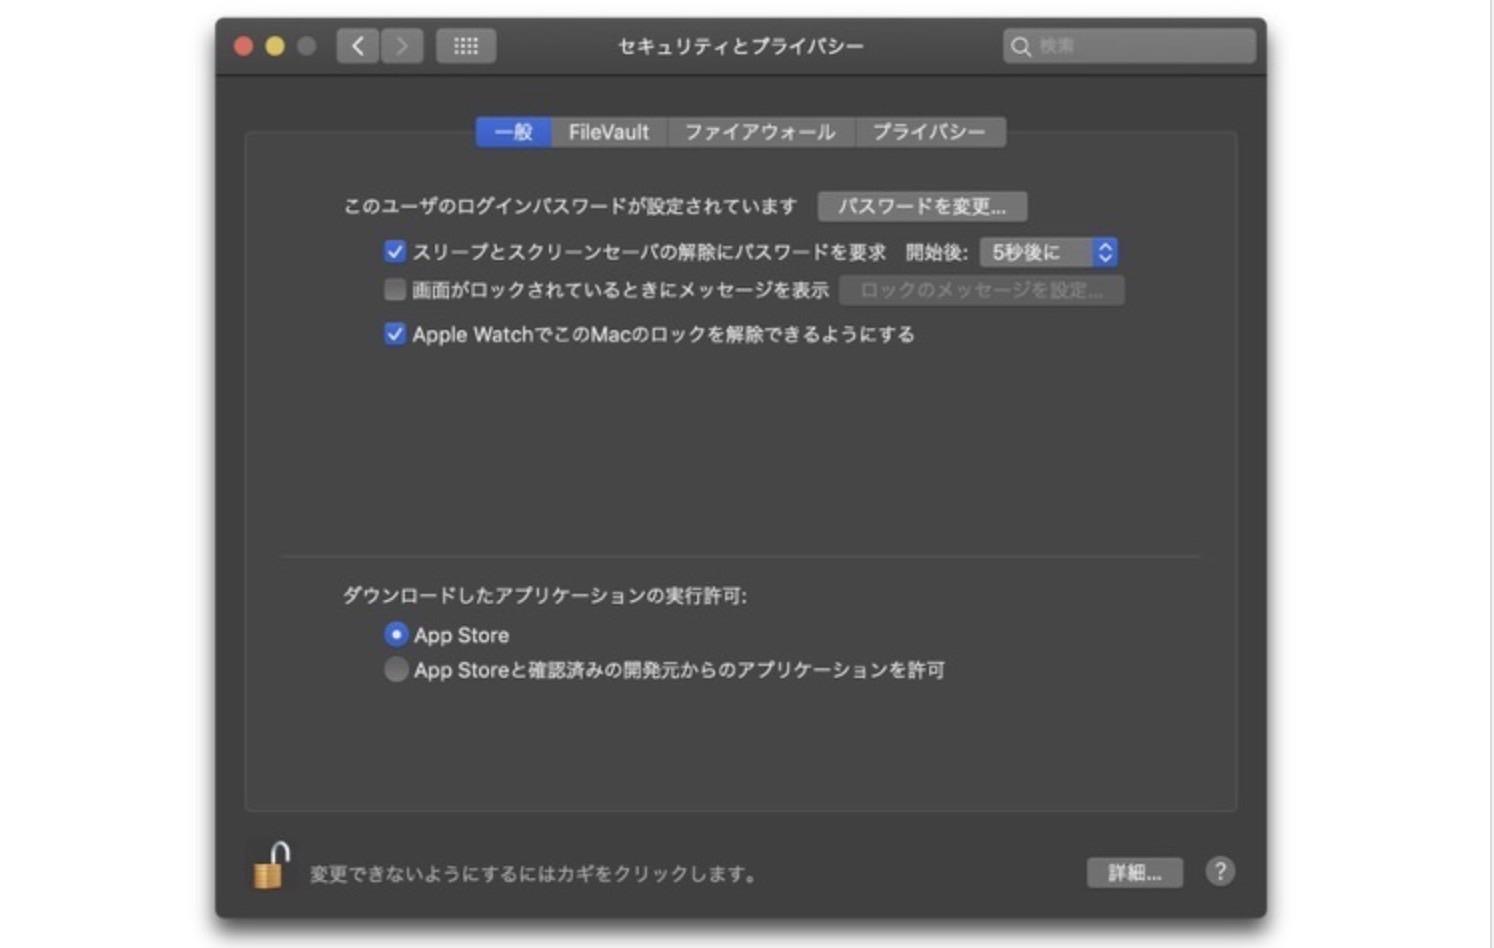 【Mac】Apple、Gatekeeperのデータをバージョン171にアップデート